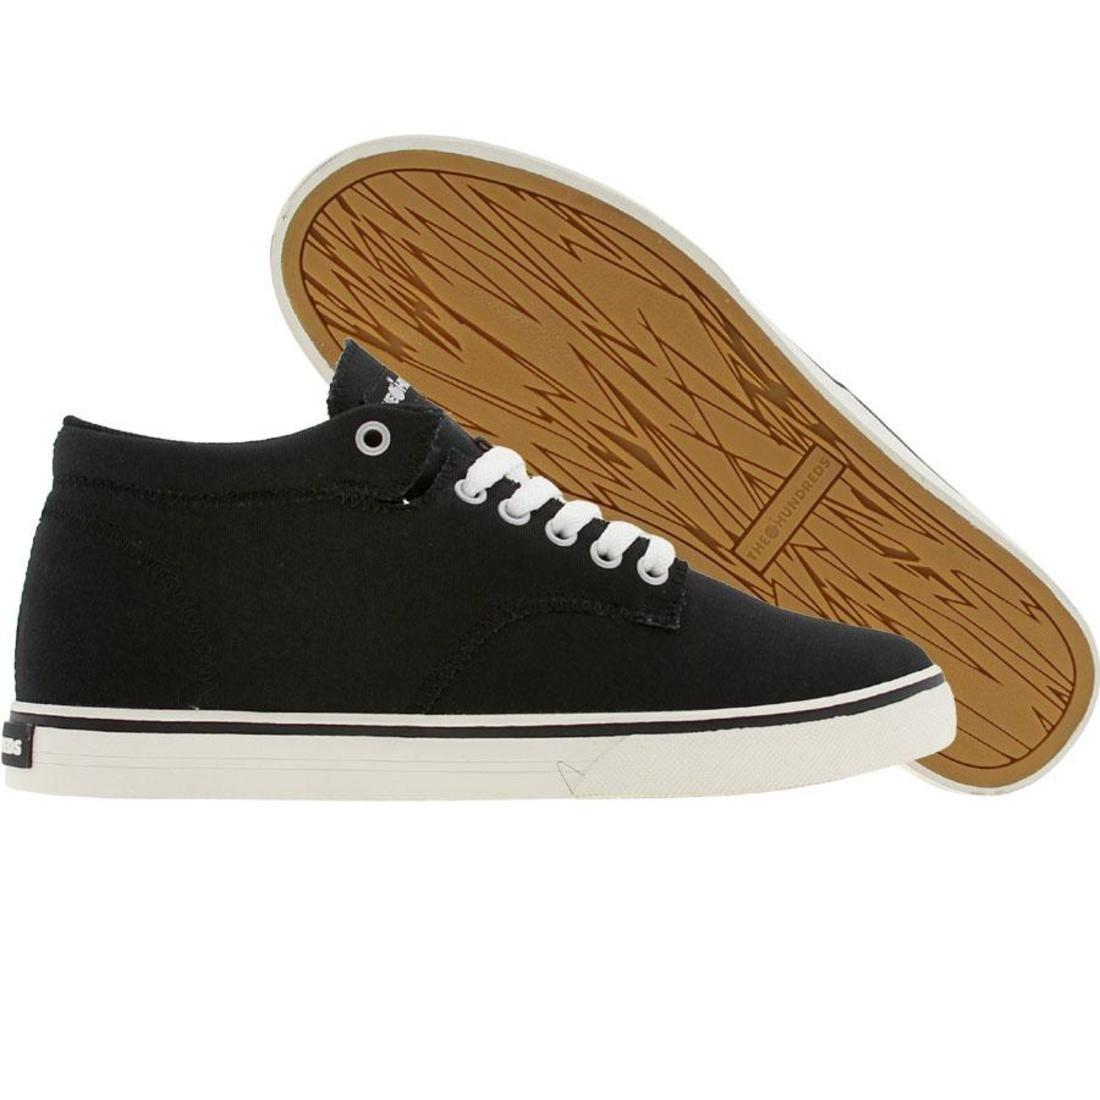 【海外限定】ジョンソン ミッド 靴 スニーカー 【 THE HUNDREDS JOHNSON MID TOP CANVAS BLACK 】